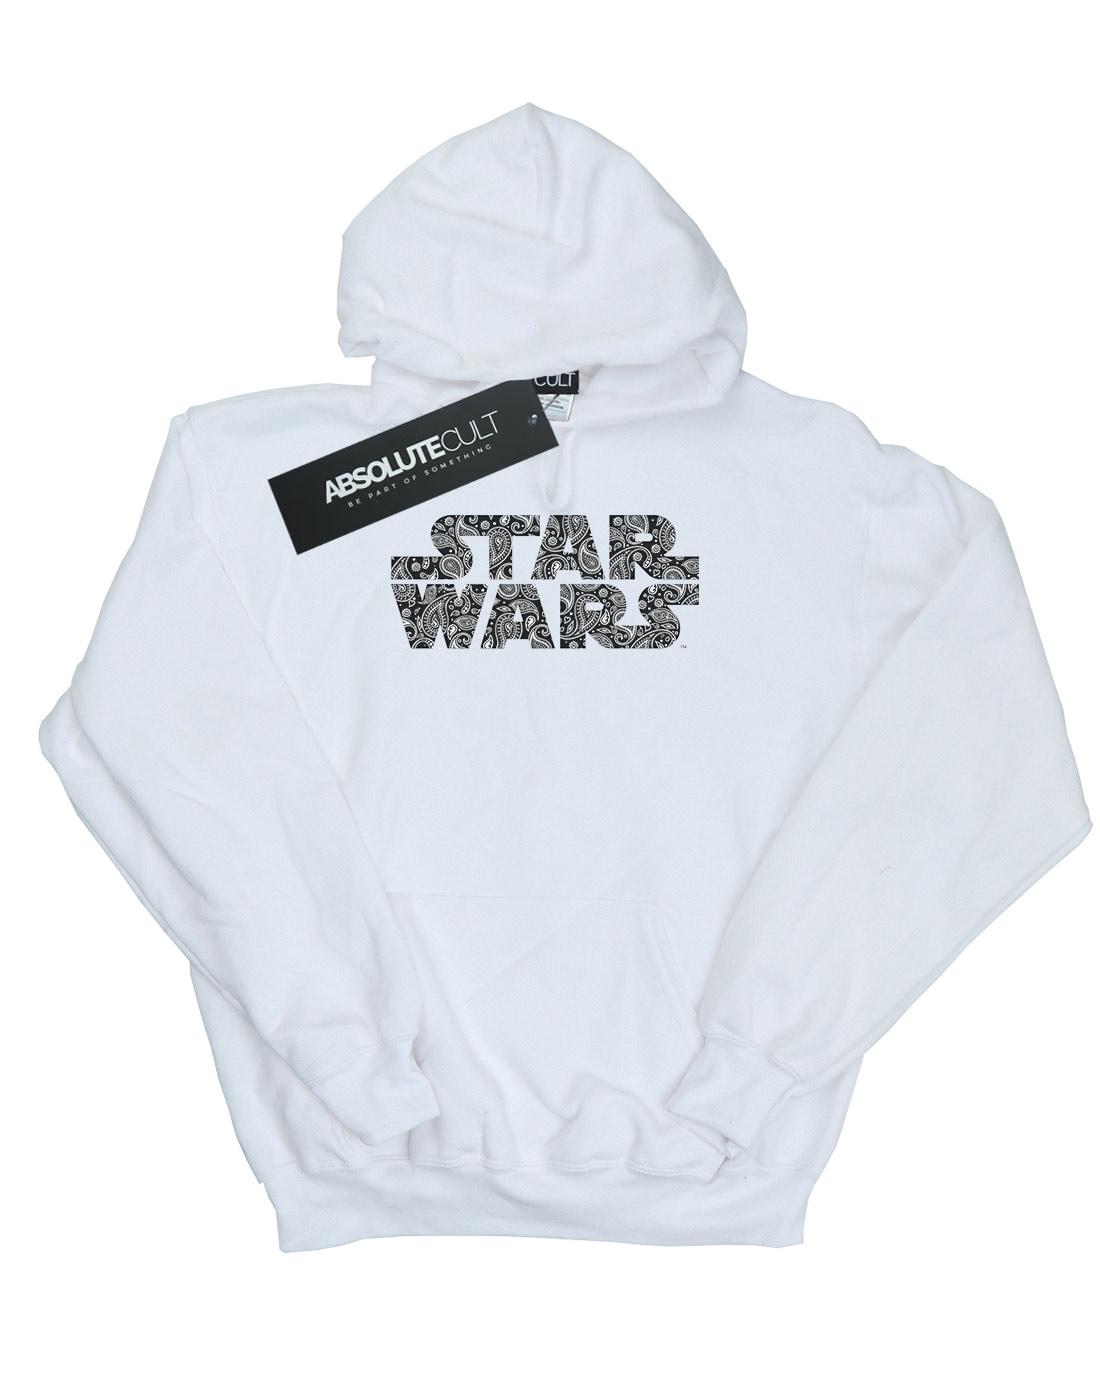 Paisley Star Wars Cappuccio Con Uomo Logo Felpa HHEZ1